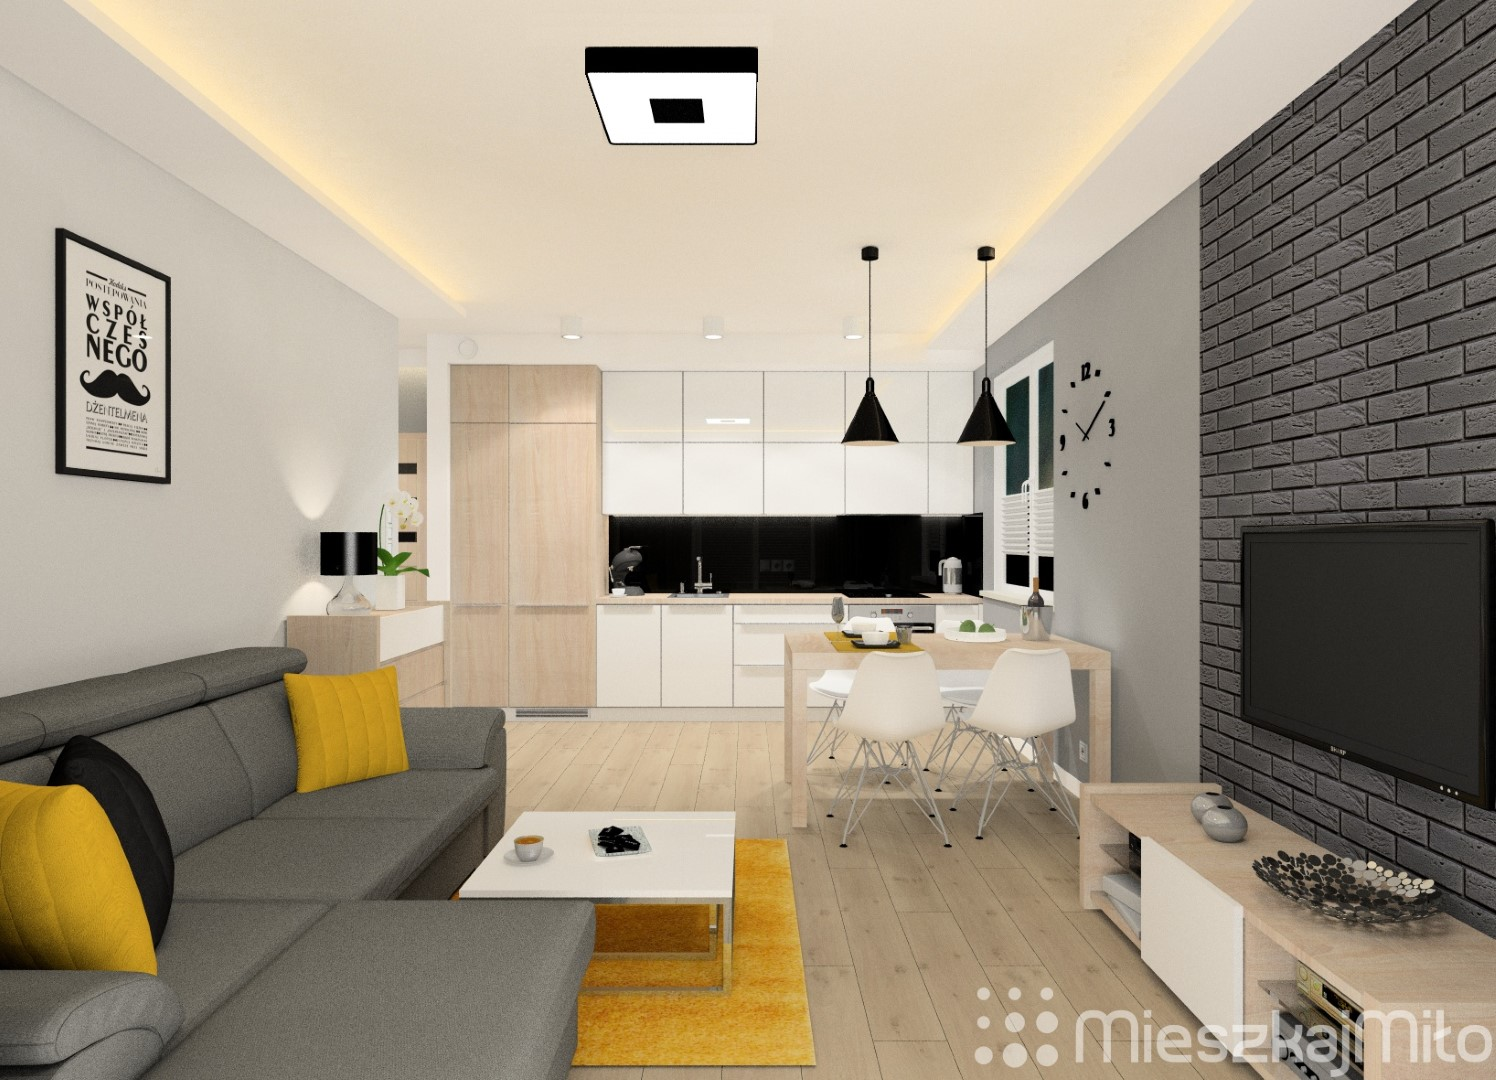 Projekt Wnętrza Mieszkania 46m² Czeladź Mieszkaj Miło